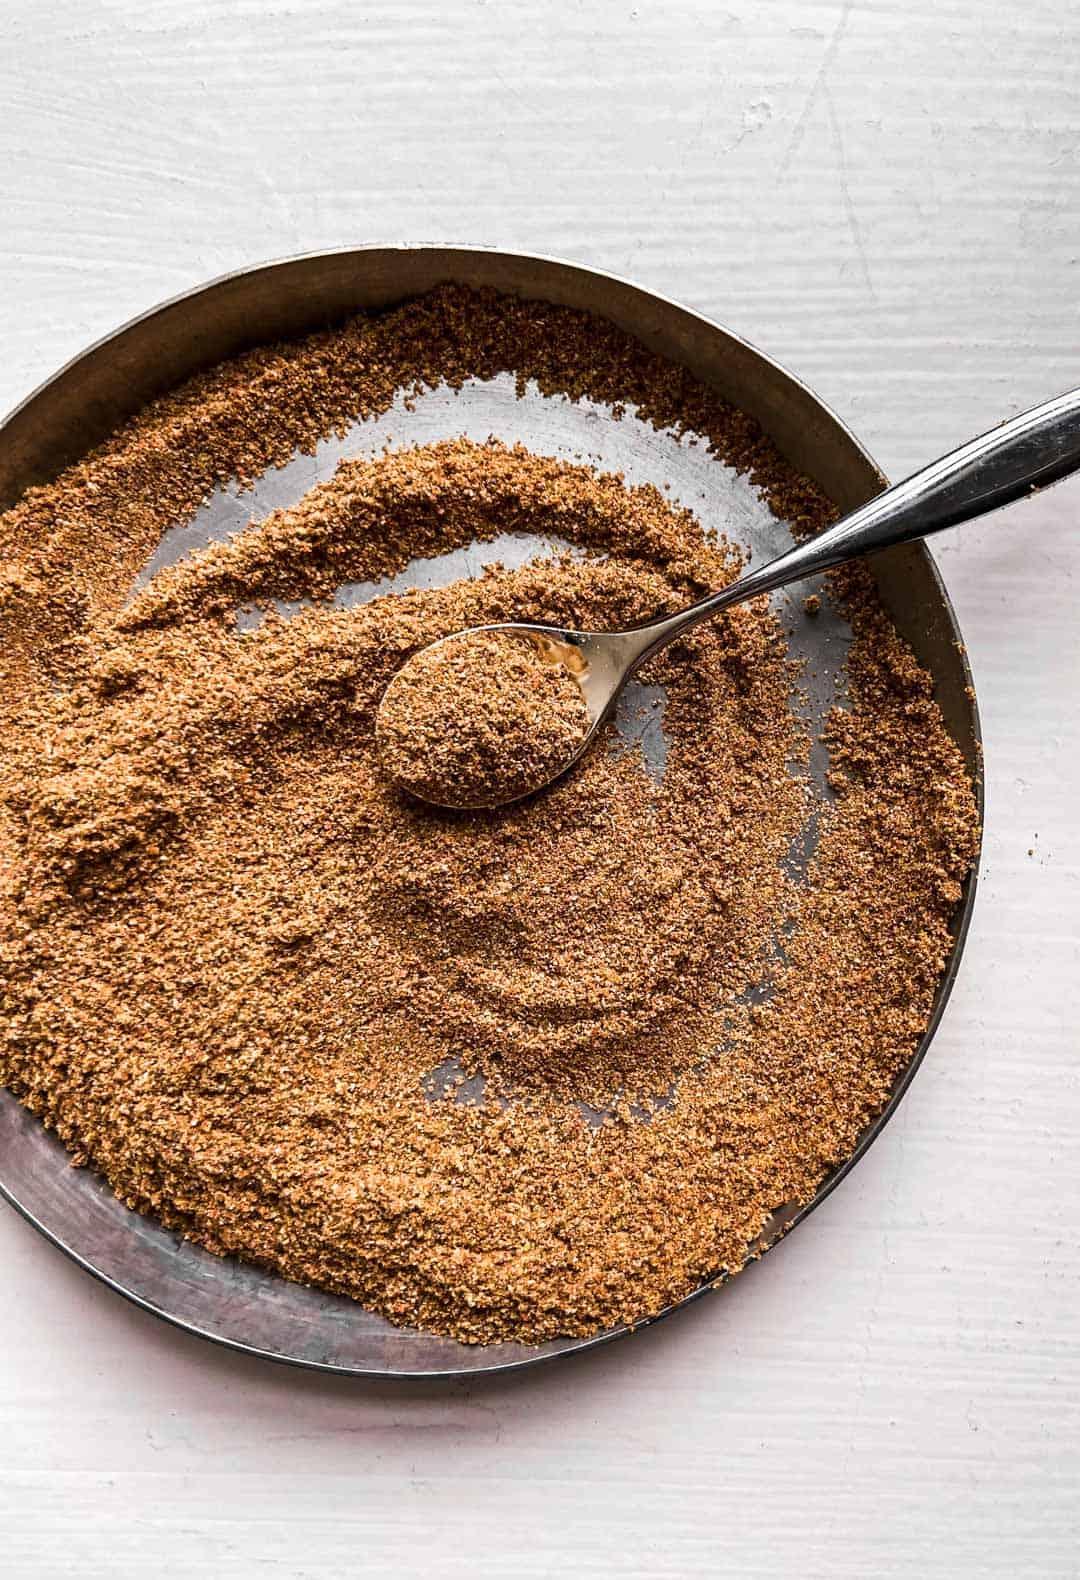 fajita seasoning on a metal plate